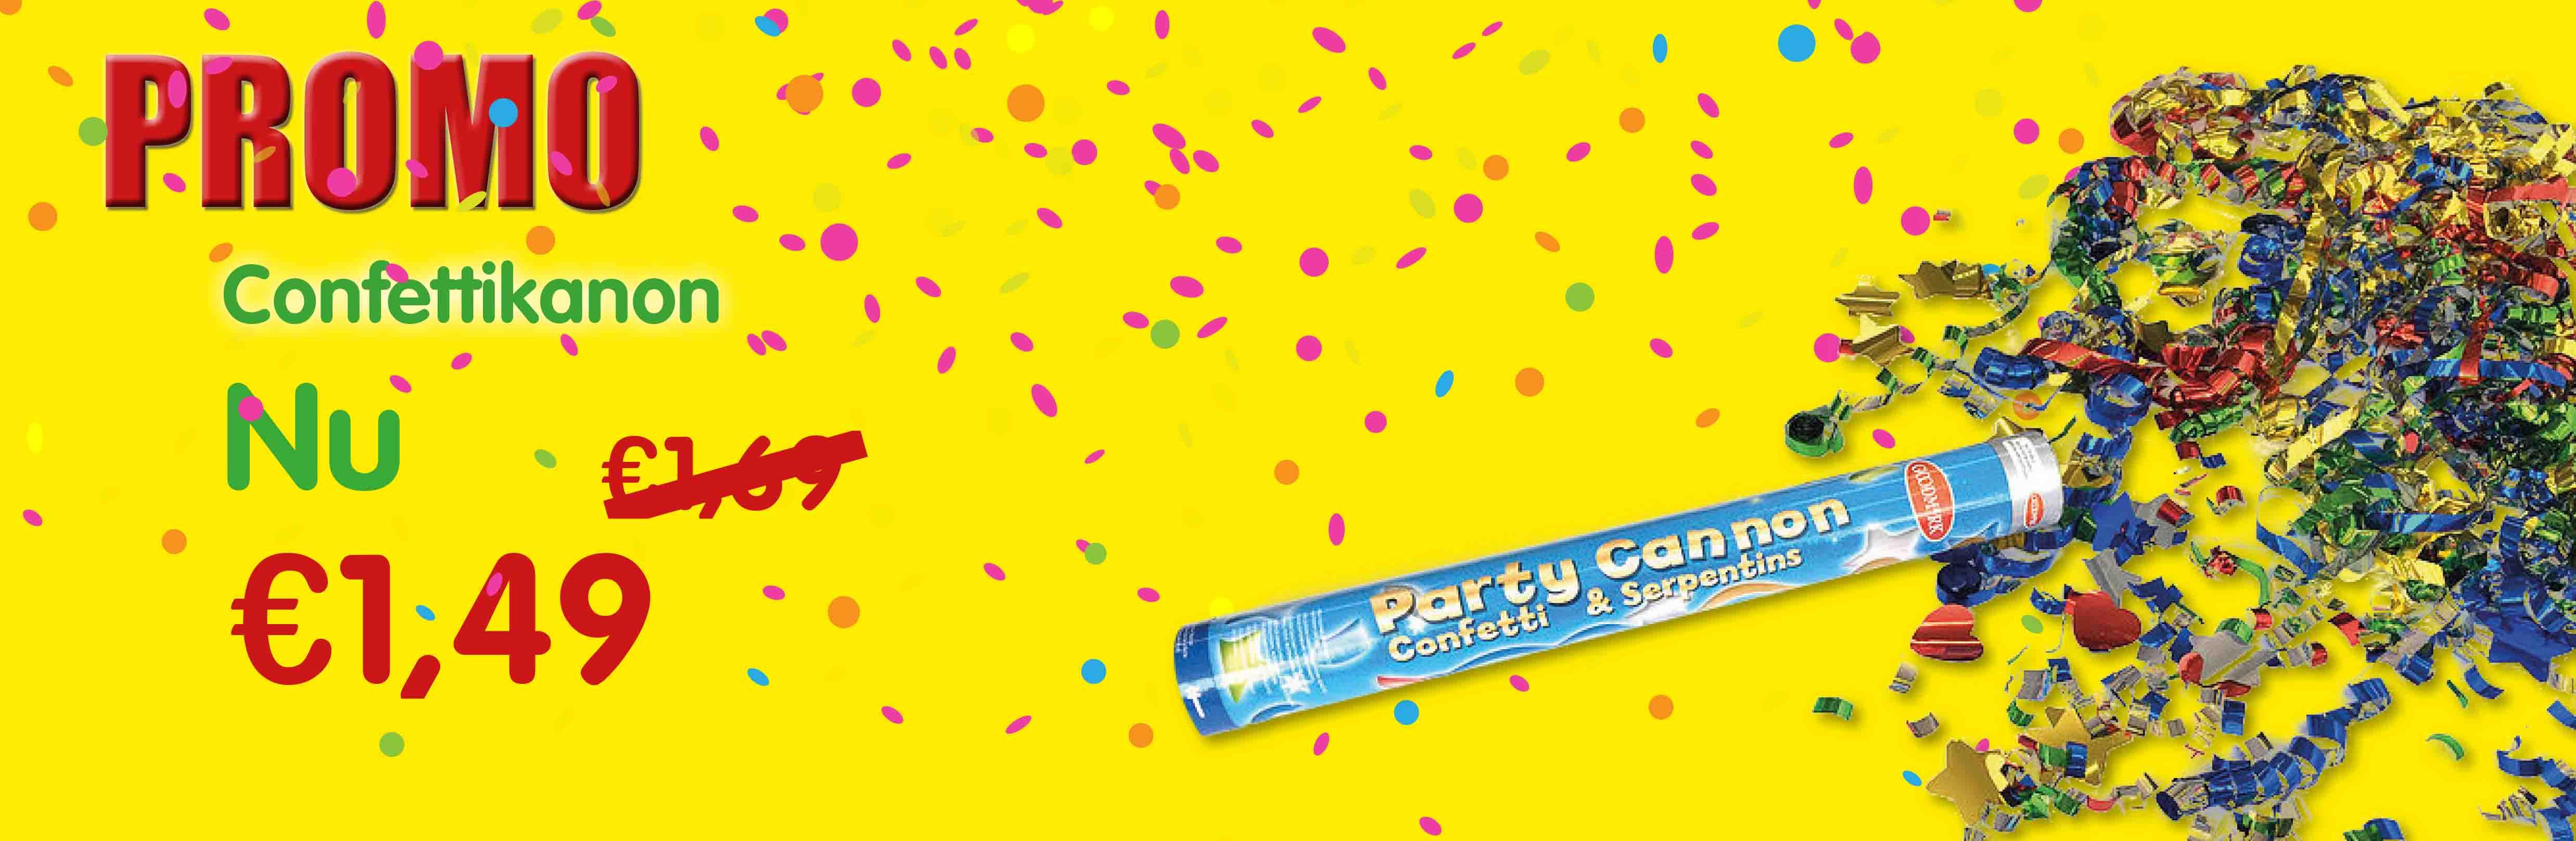 Promo confetti kanon